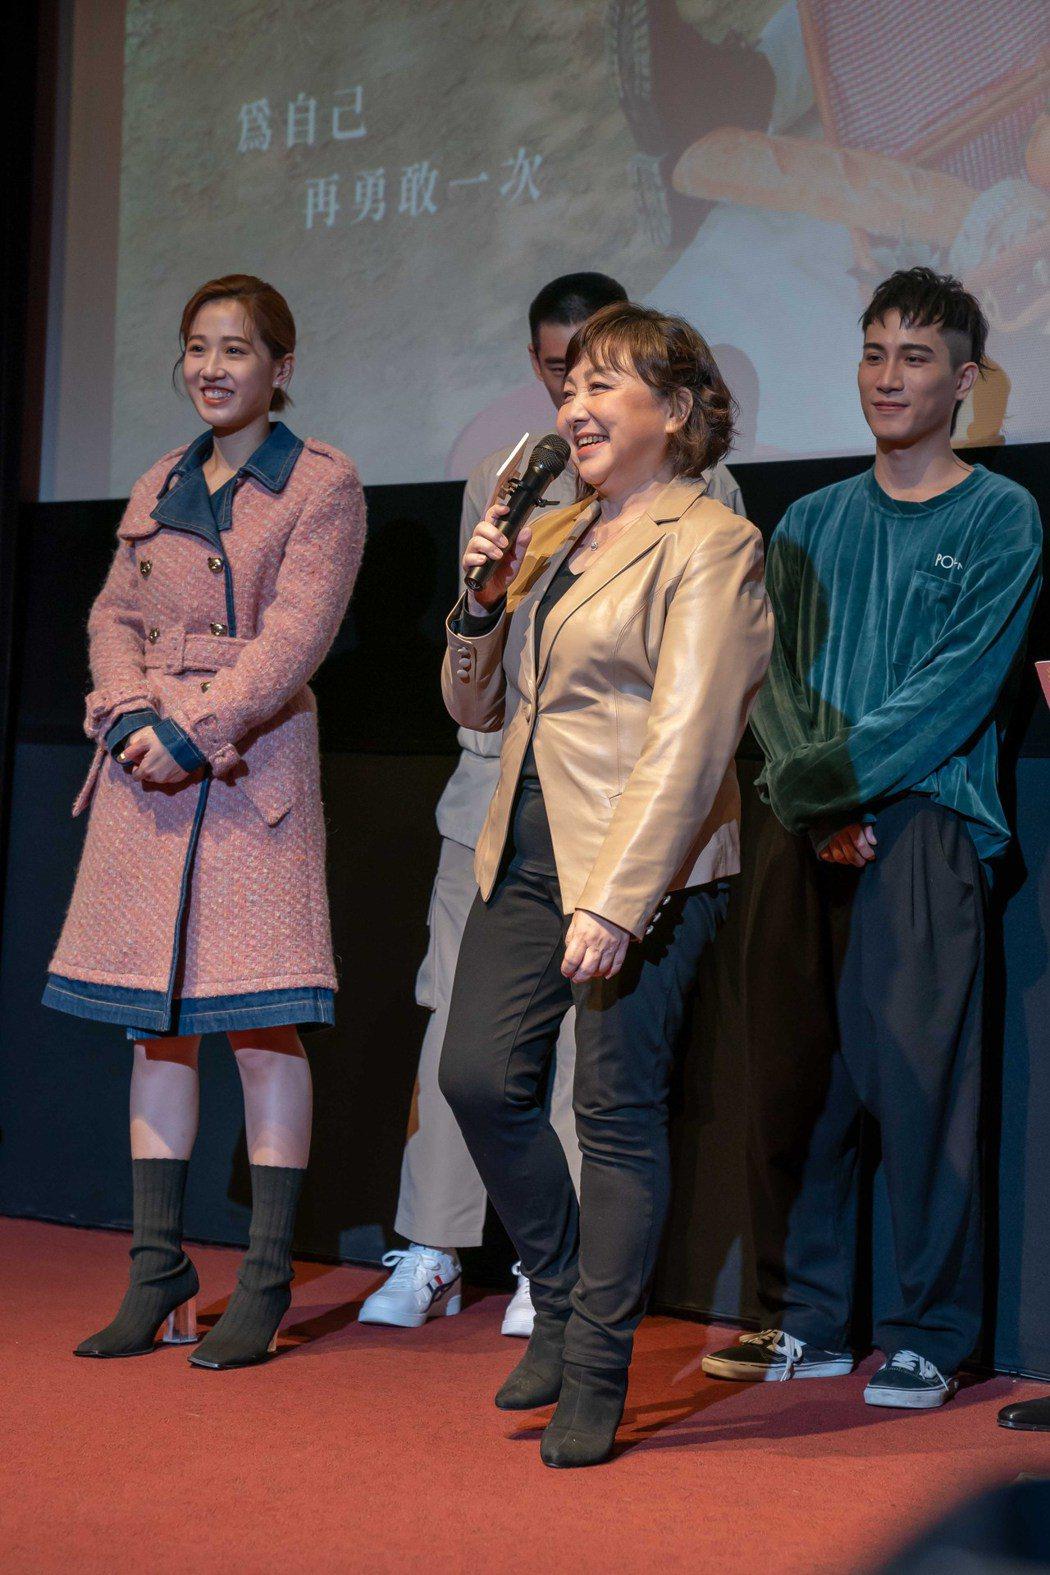 民歌天后鄭怡為「粉紅色時光」獻出電視劇處女作,自曝私下就很愛追劇,這回終於成了劇